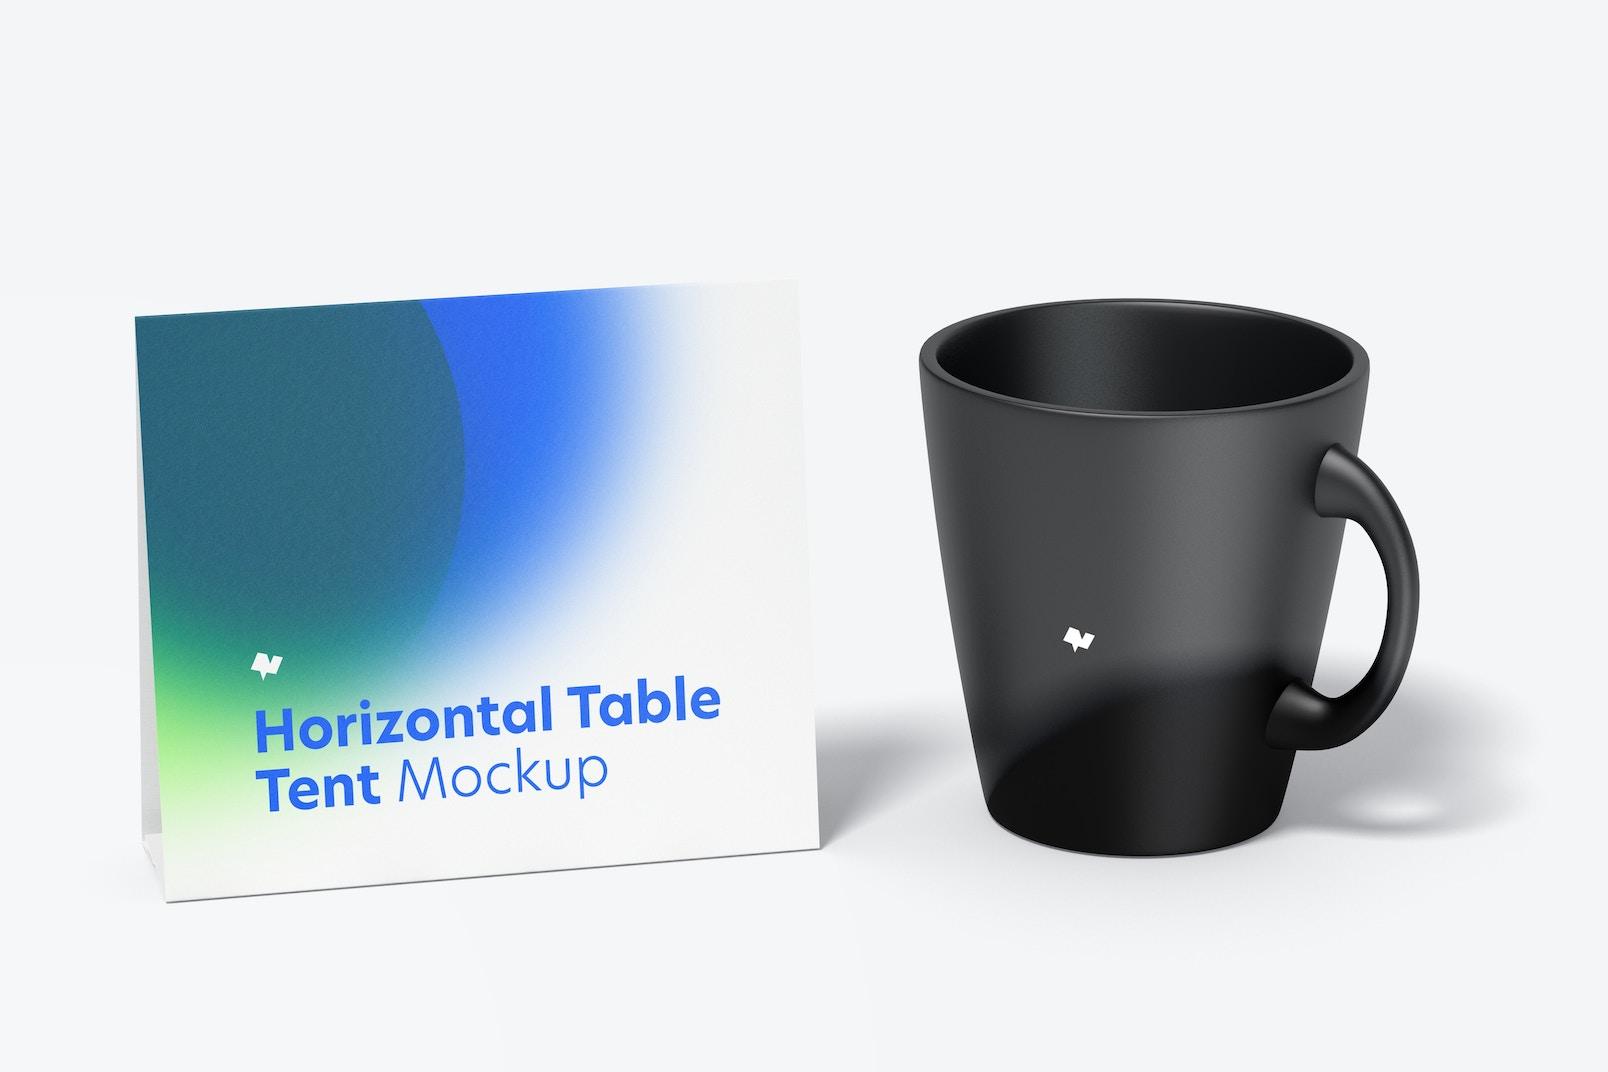 Horizontal Table Tent Card with Mug Mockup